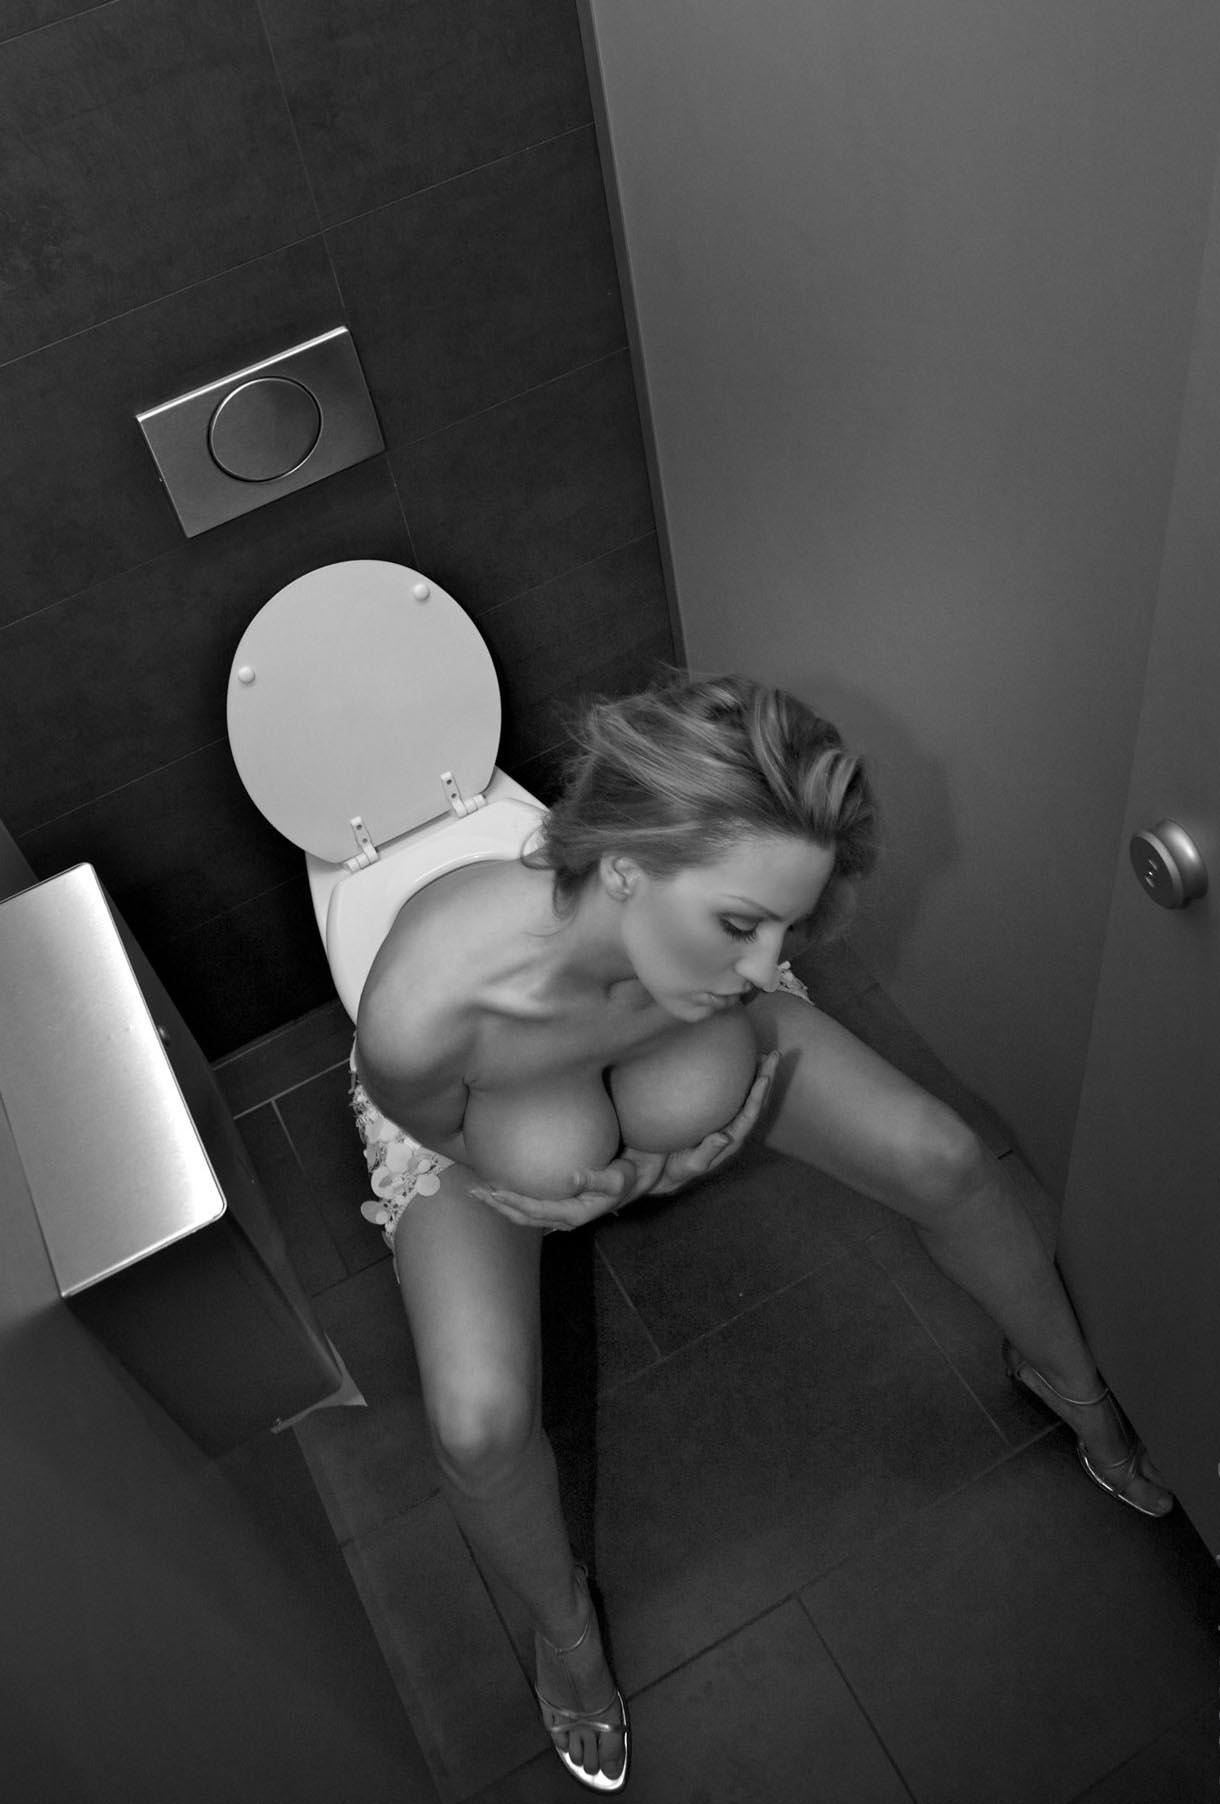 Джордан Карвер голая. Фото - 162